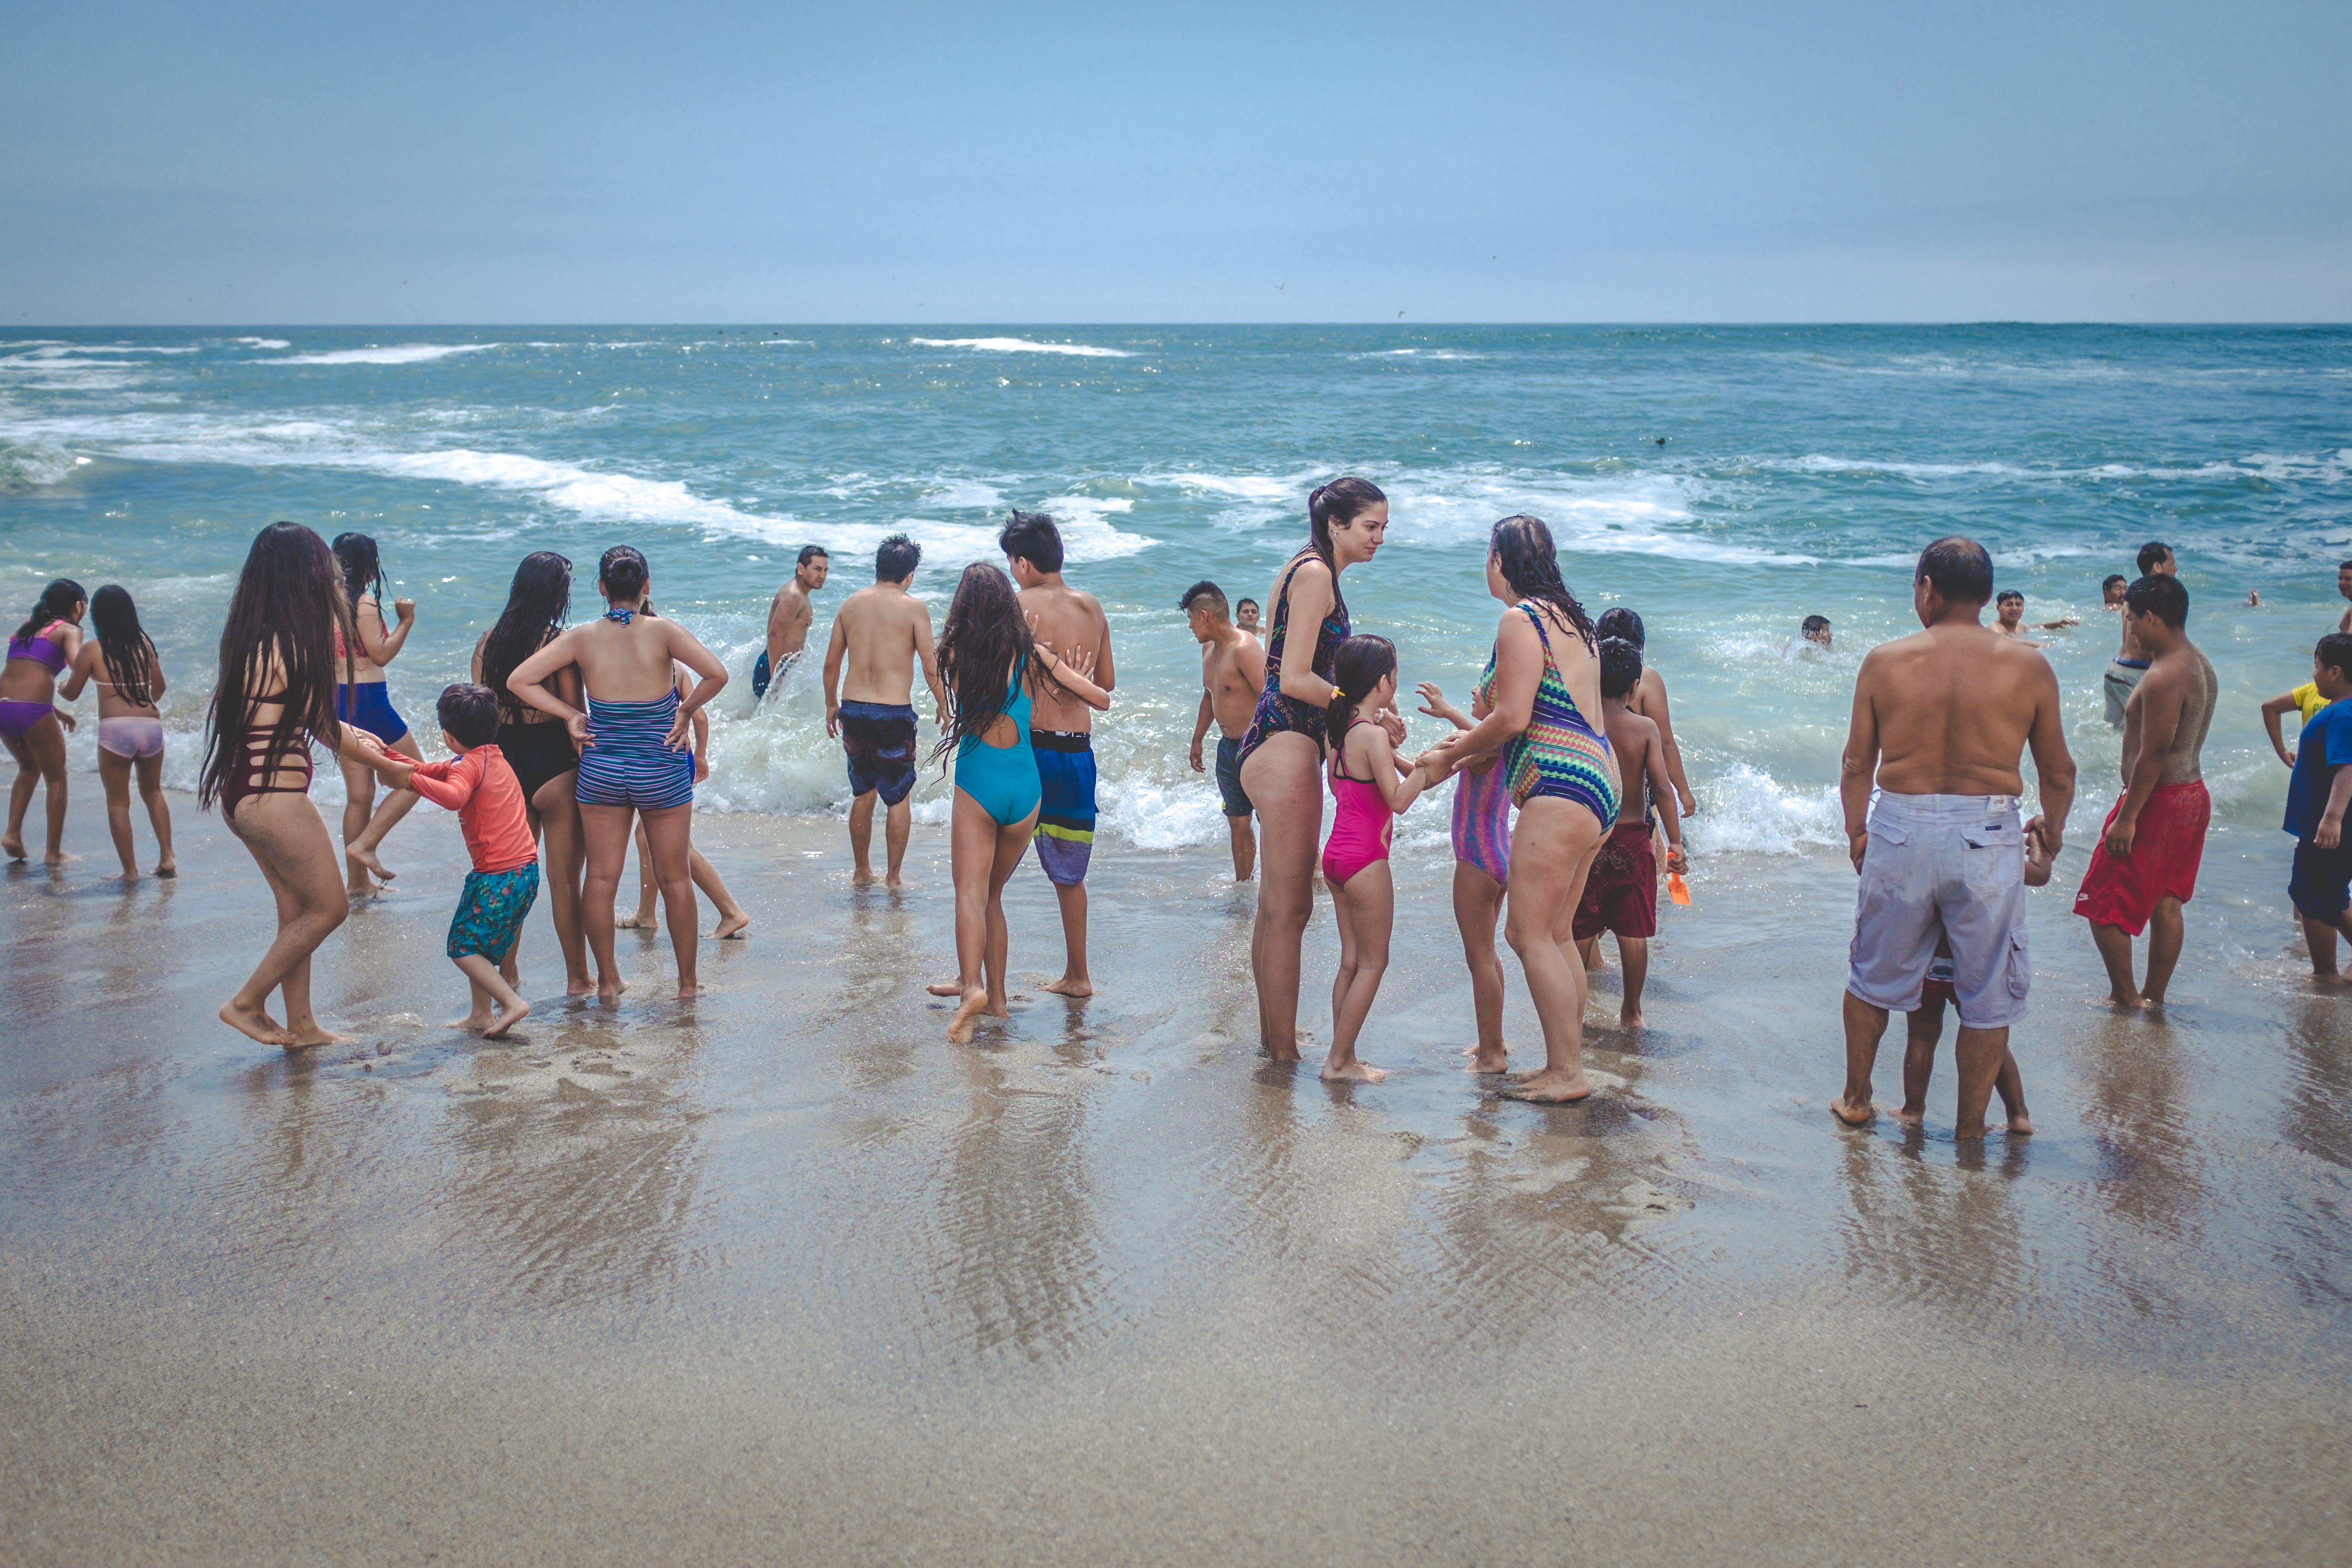 Δωρεάν στοκ φωτογραφιών με αμμουδιά, κολυμπά κοστούμι, μαγιό, παραλία